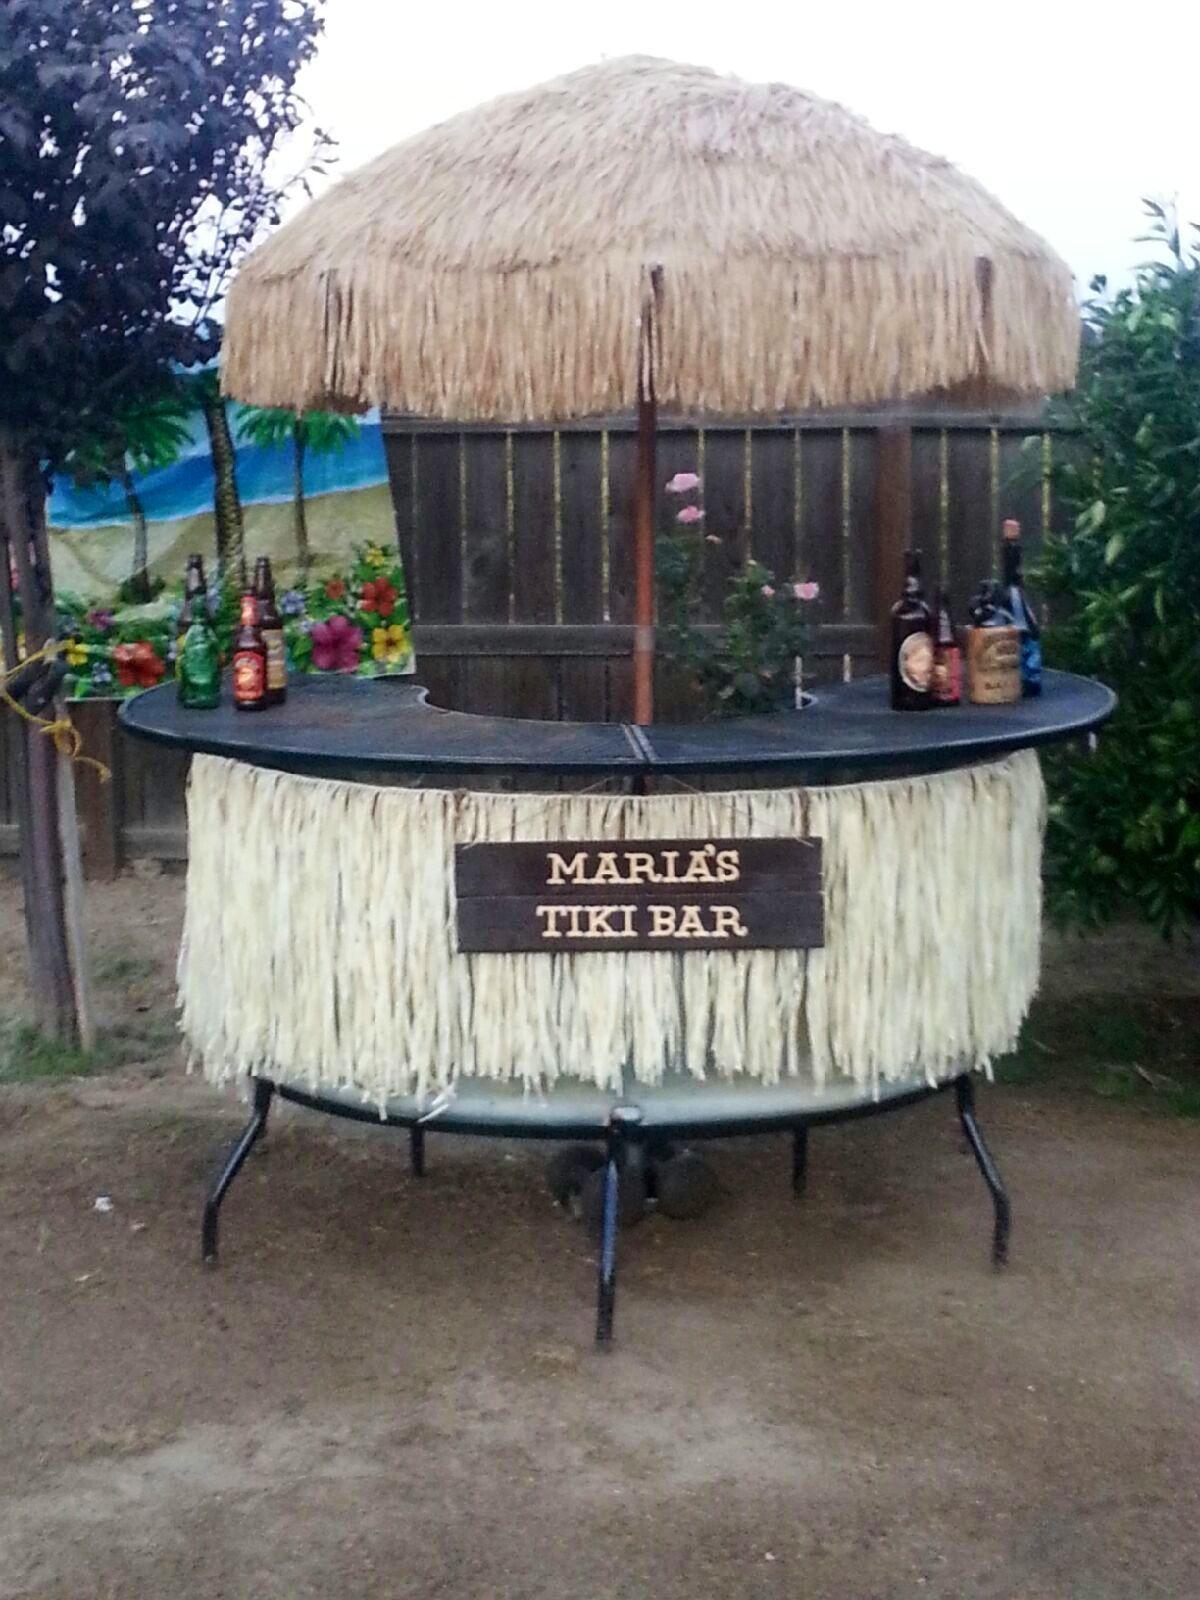 DIY Tiki Bar for your backyard   DIY CRAZY   Pinterest